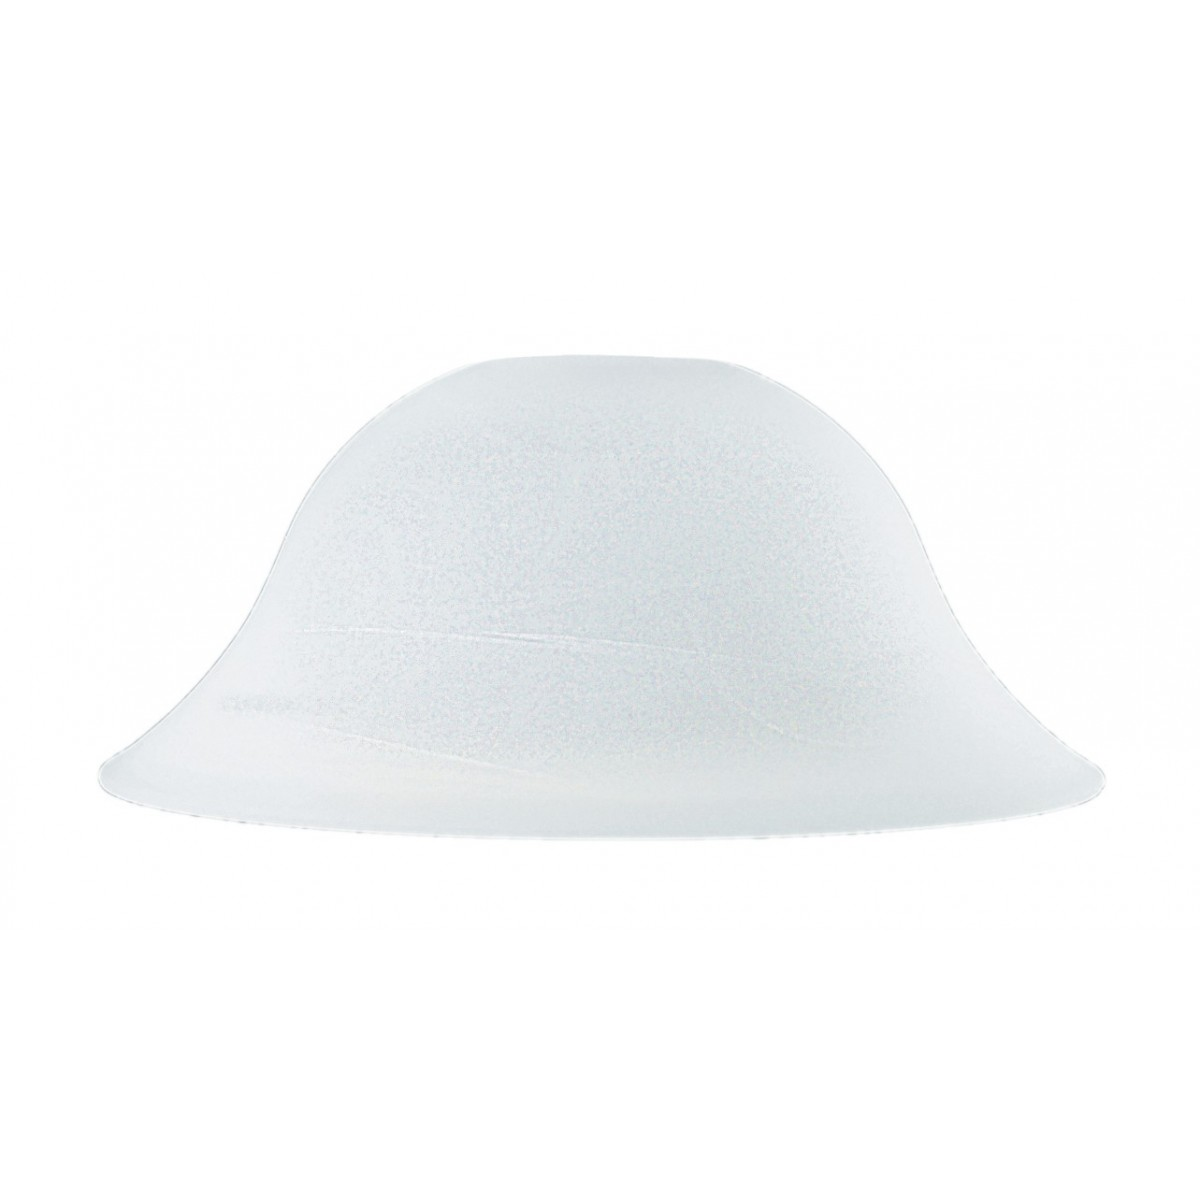 I-V07003104202000 - Paralume per Sospensione Campana Vetro Bianco Alabastro 31x12 cm F42